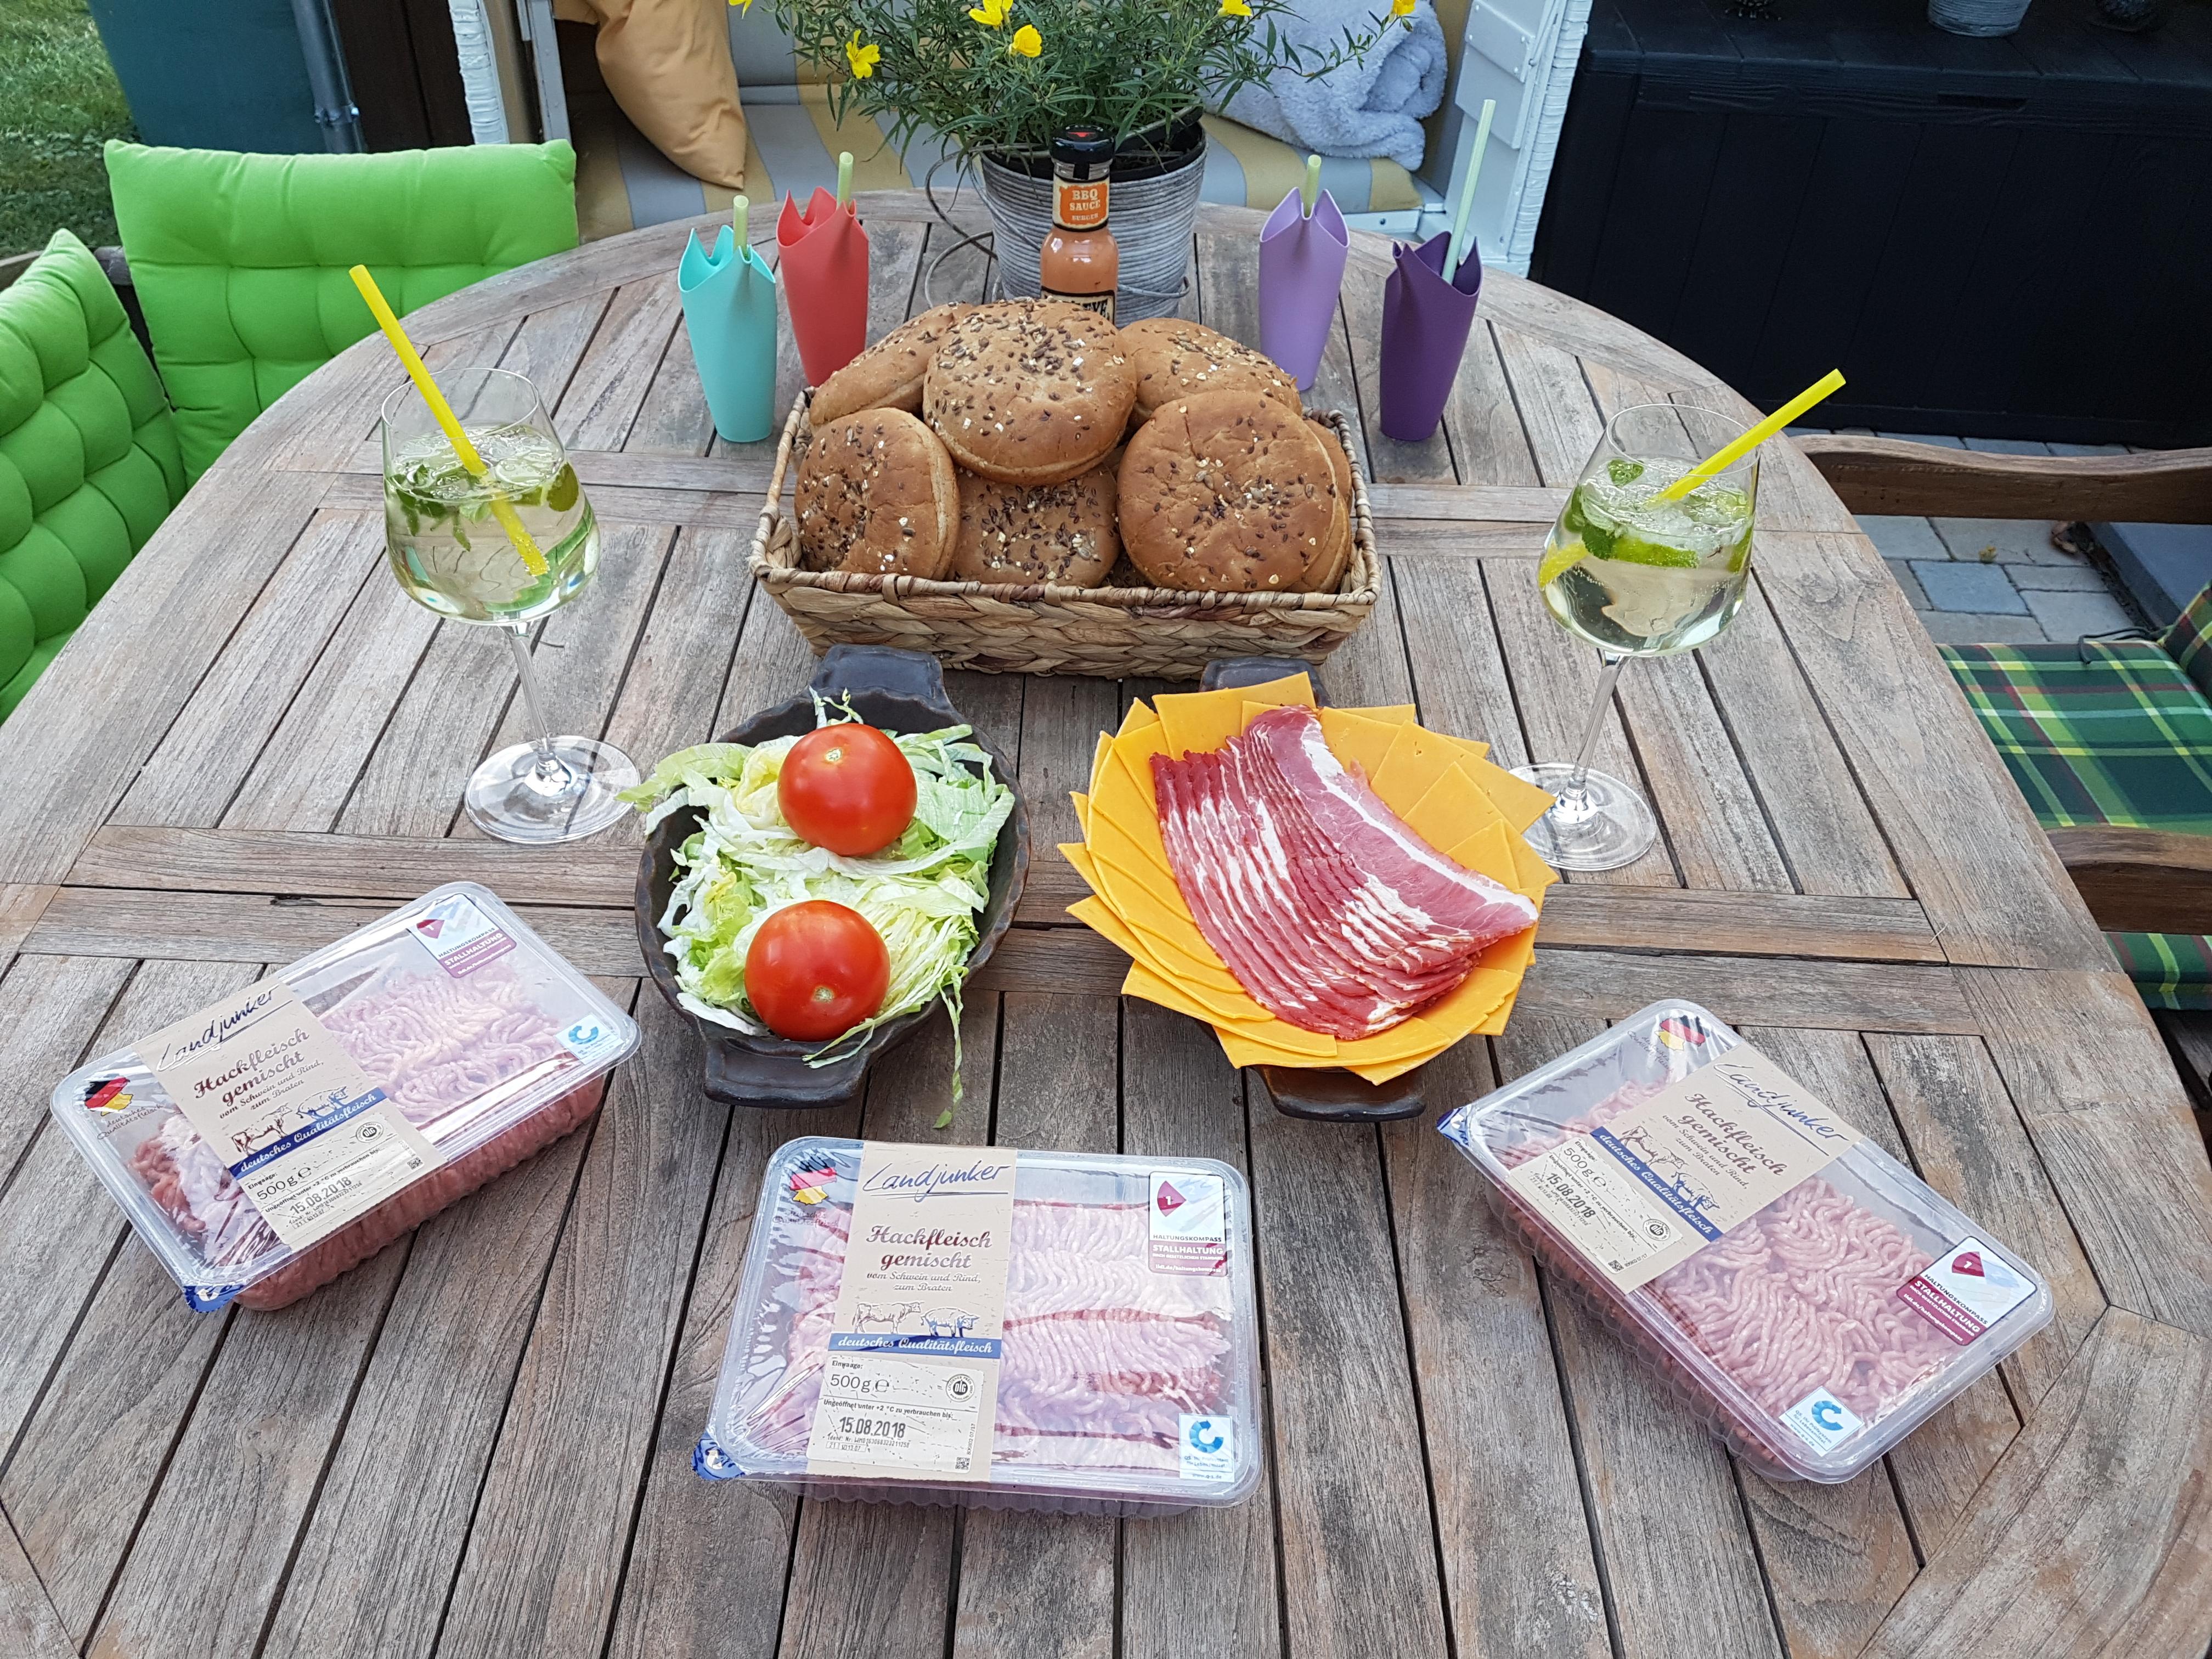 http://foodloader.net/Holz_2018-08-10_Burger.jpg